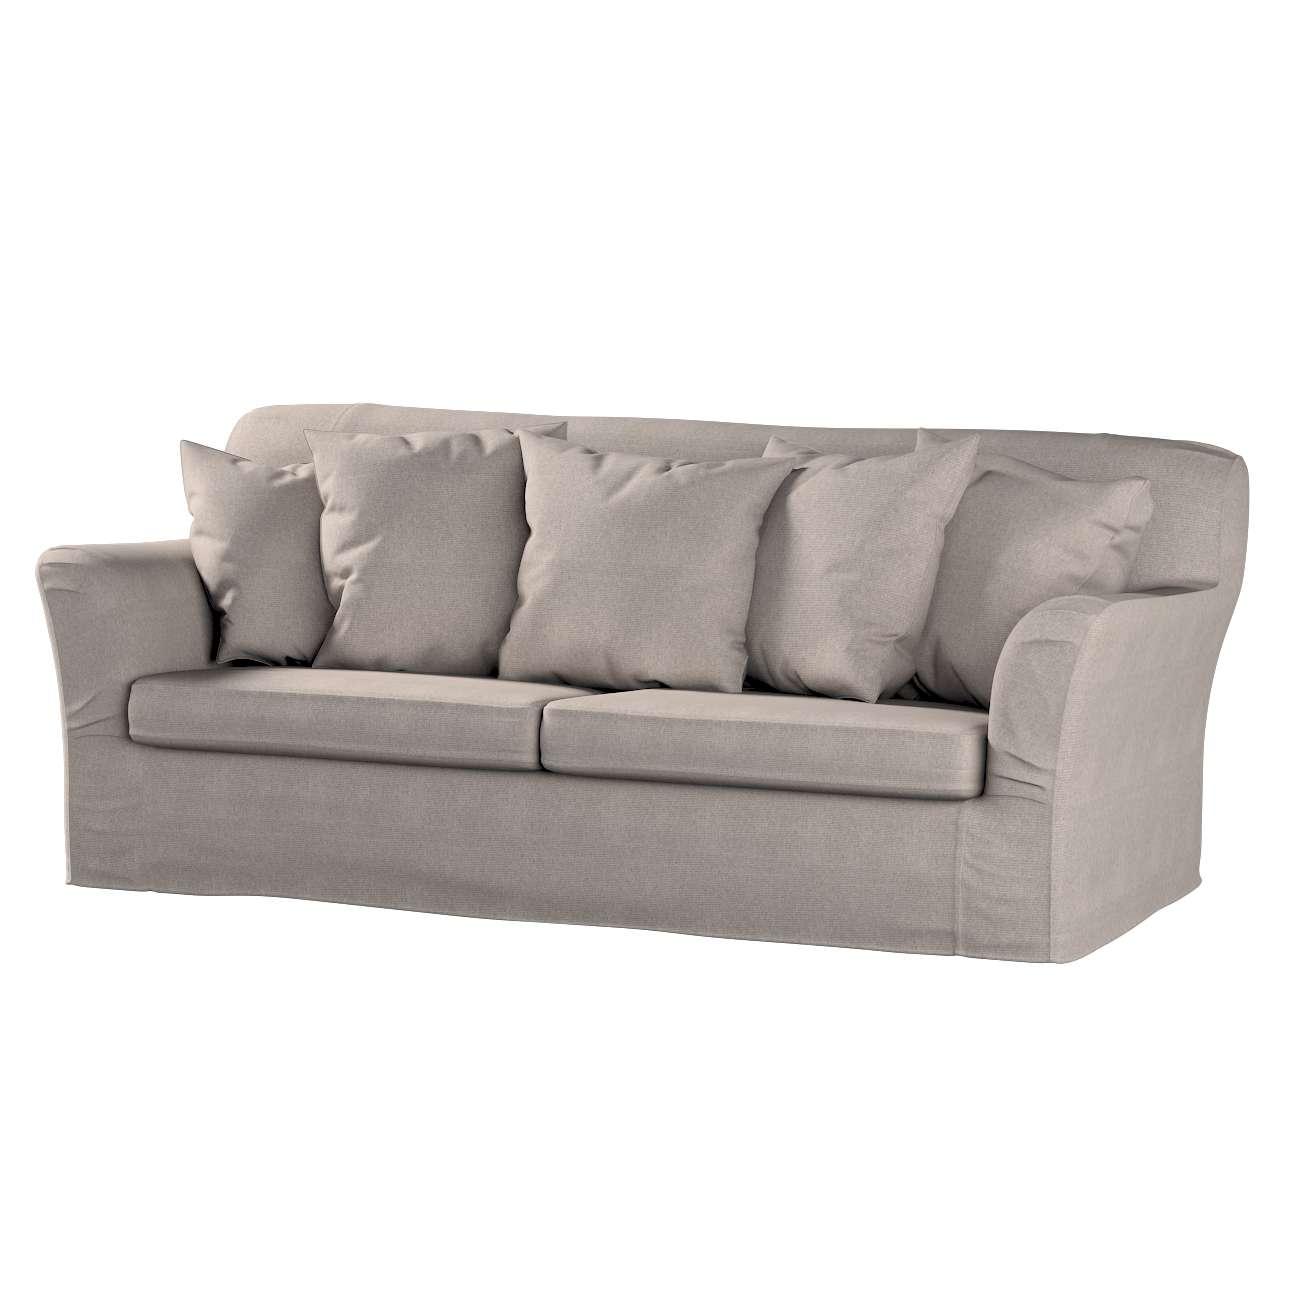 Pokrowiec na sofę Tomelilla rozkładaną Sofa Tomelilla rozkładana w kolekcji Etna , tkanina: 705-09